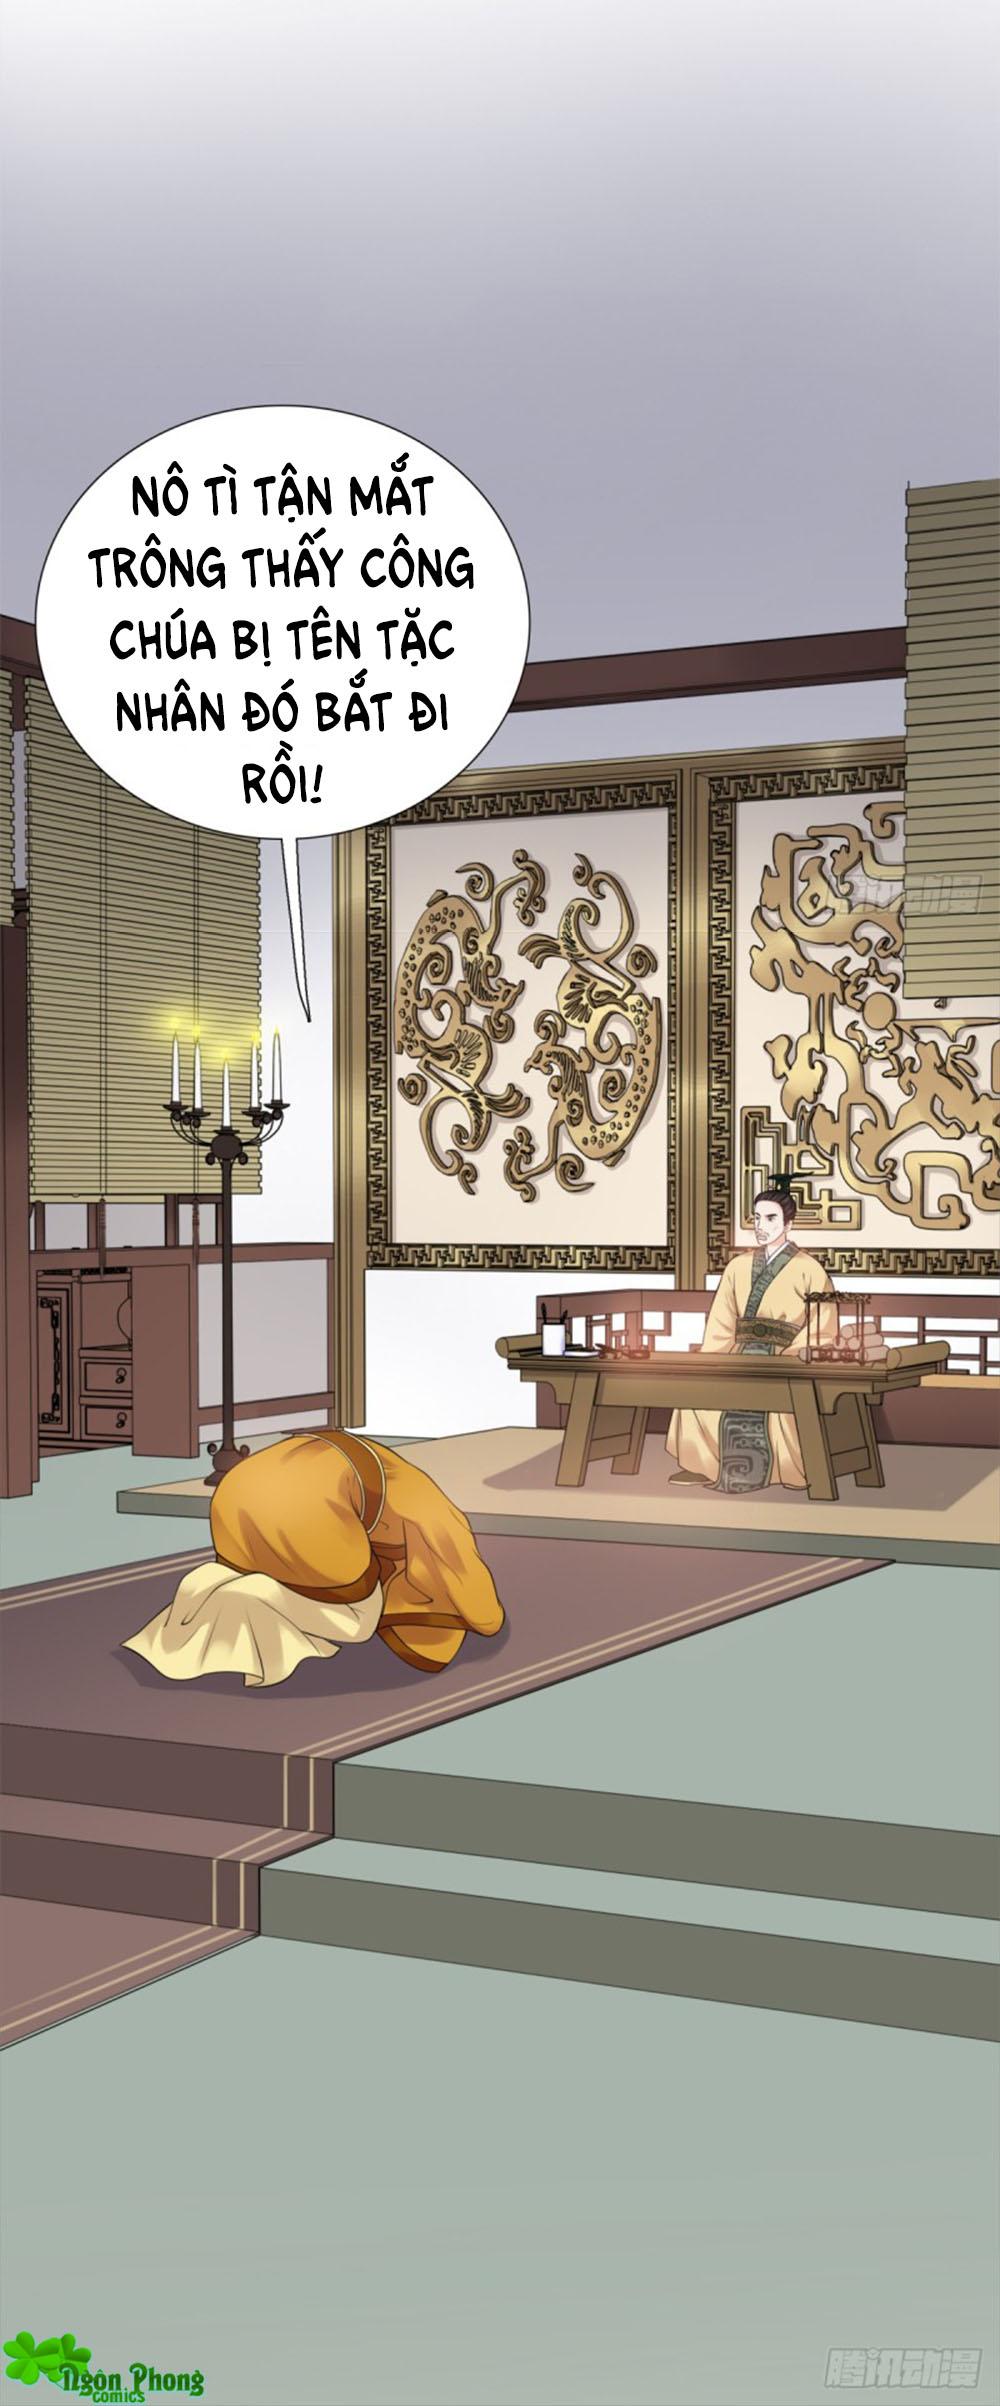 Yêu Phu! Xin Ngươi Hưu Ta Đi Mà! Chap 45 - Trang 6